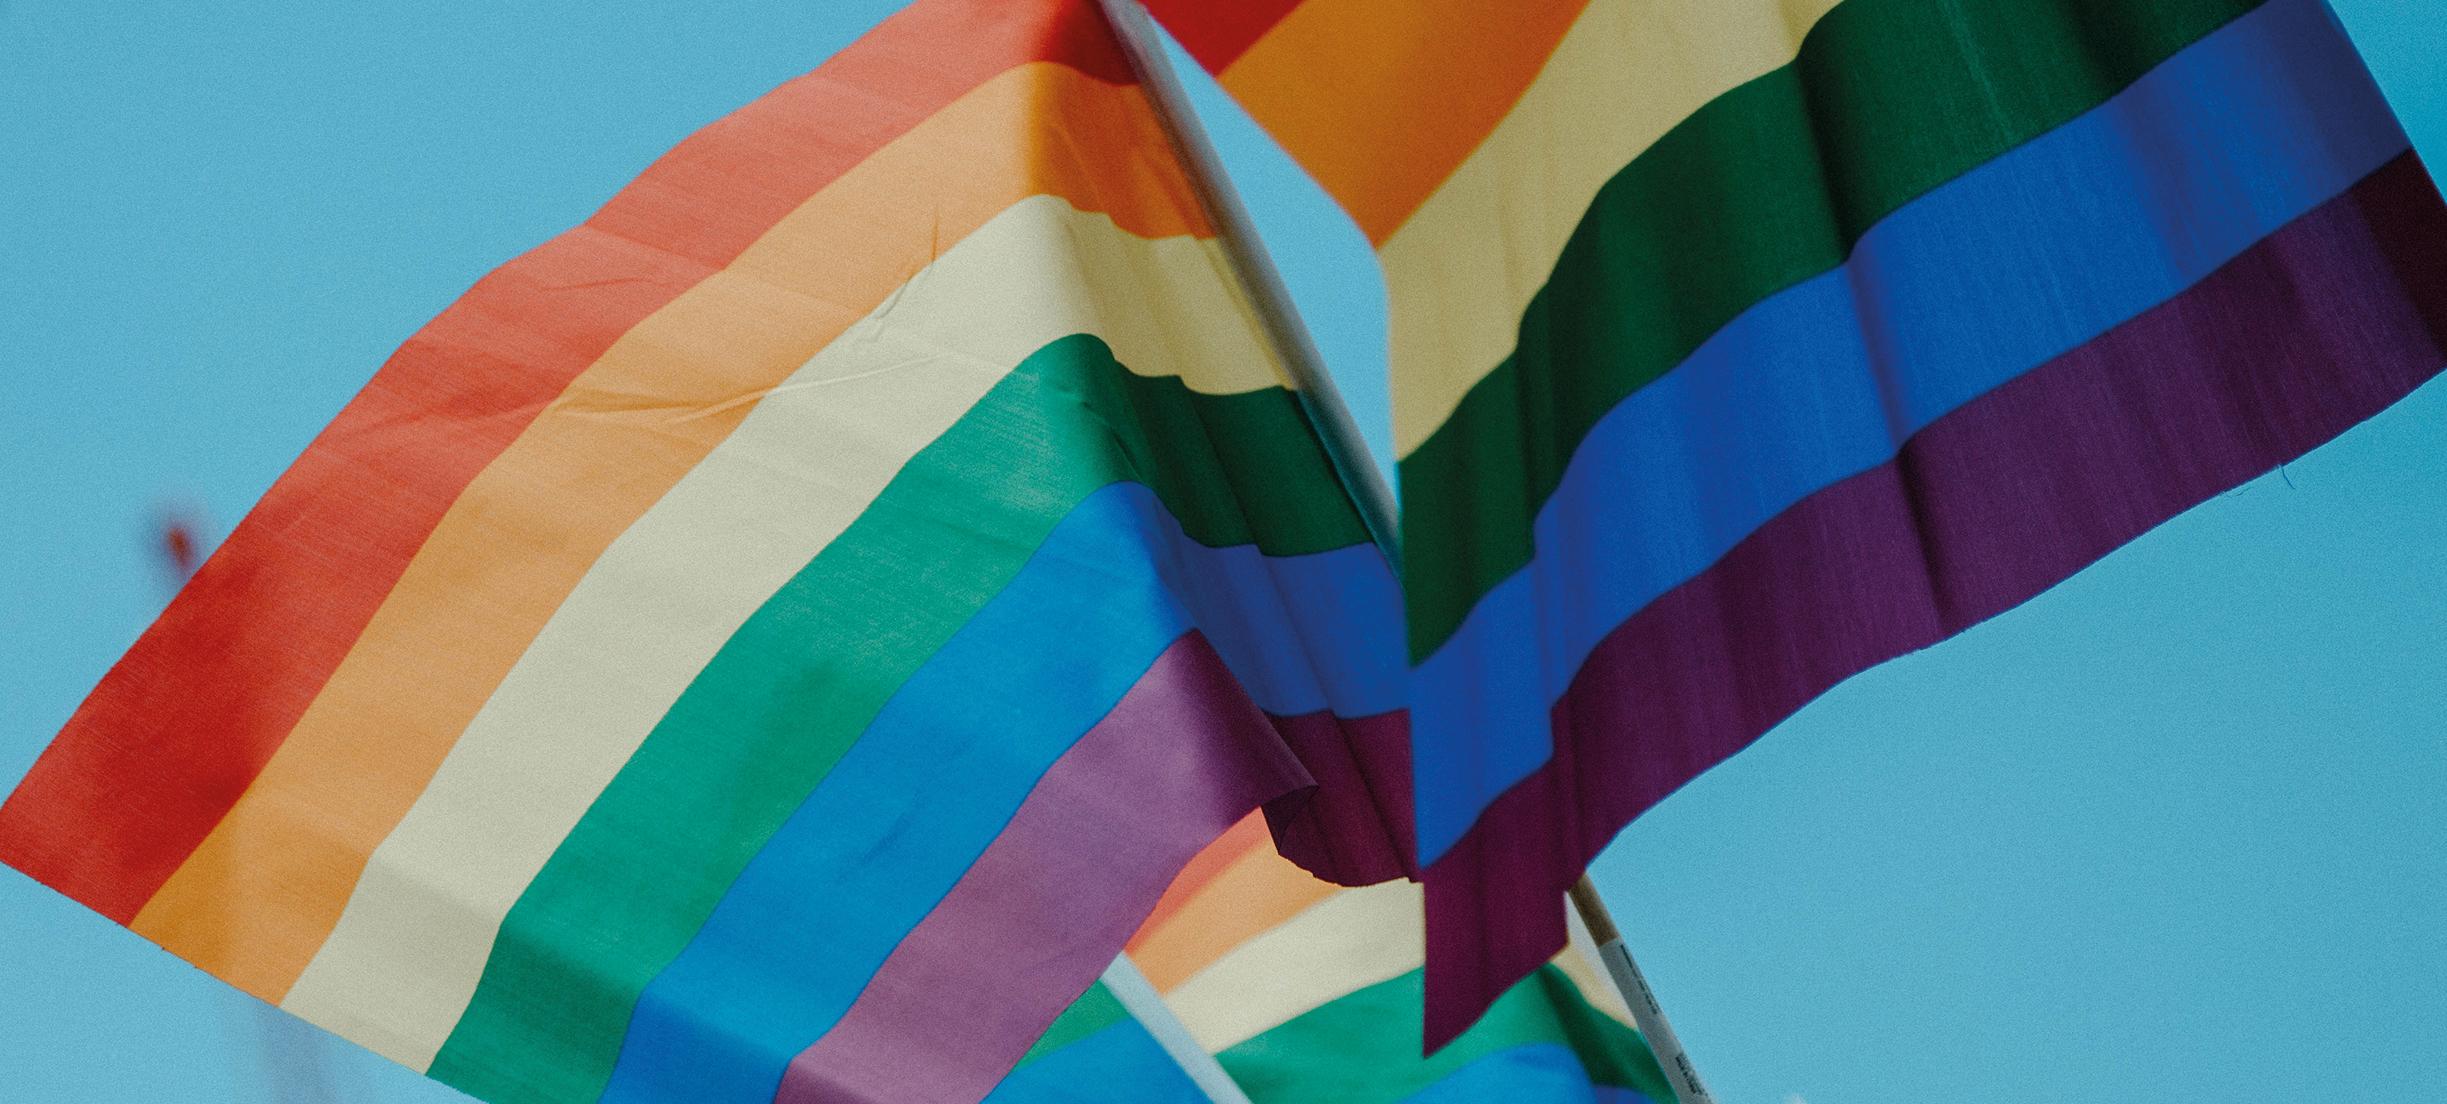 De dag in vooruitgang: Japanse rechter noemt verbod homohuwelijk ongrondwettelijk